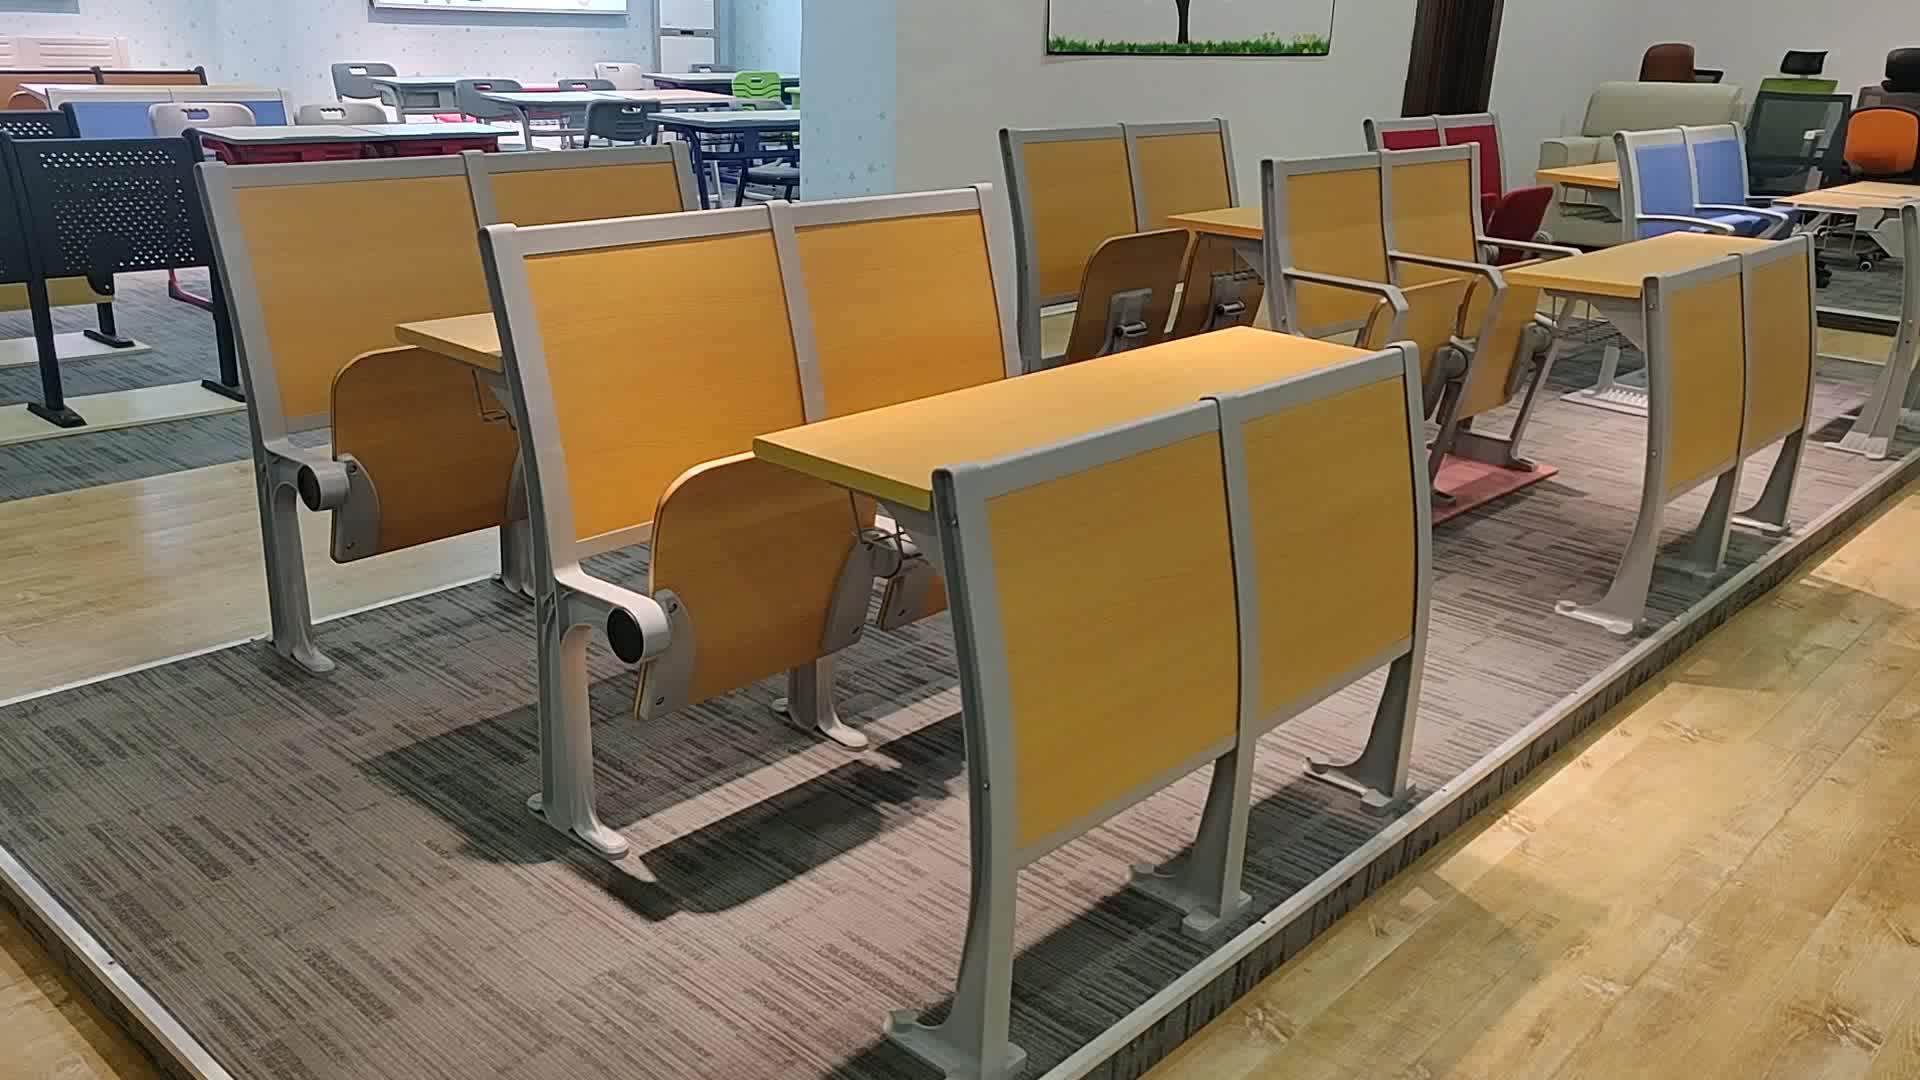 School student klaslokaal meubelen studie tafel stoel arm stoel voor scholen